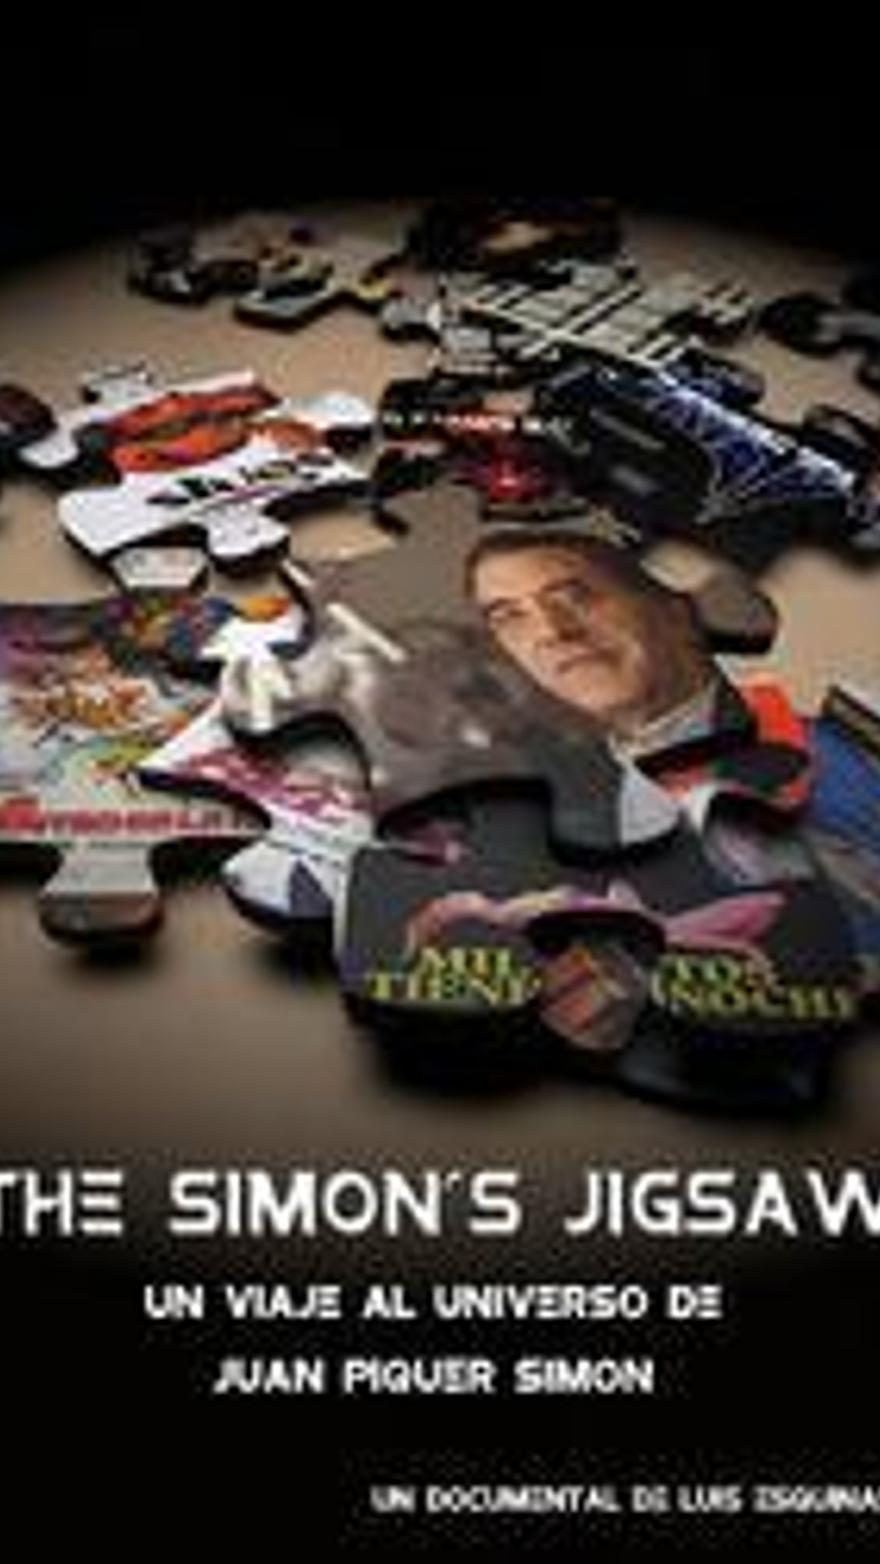 The Simon's Jigsaw